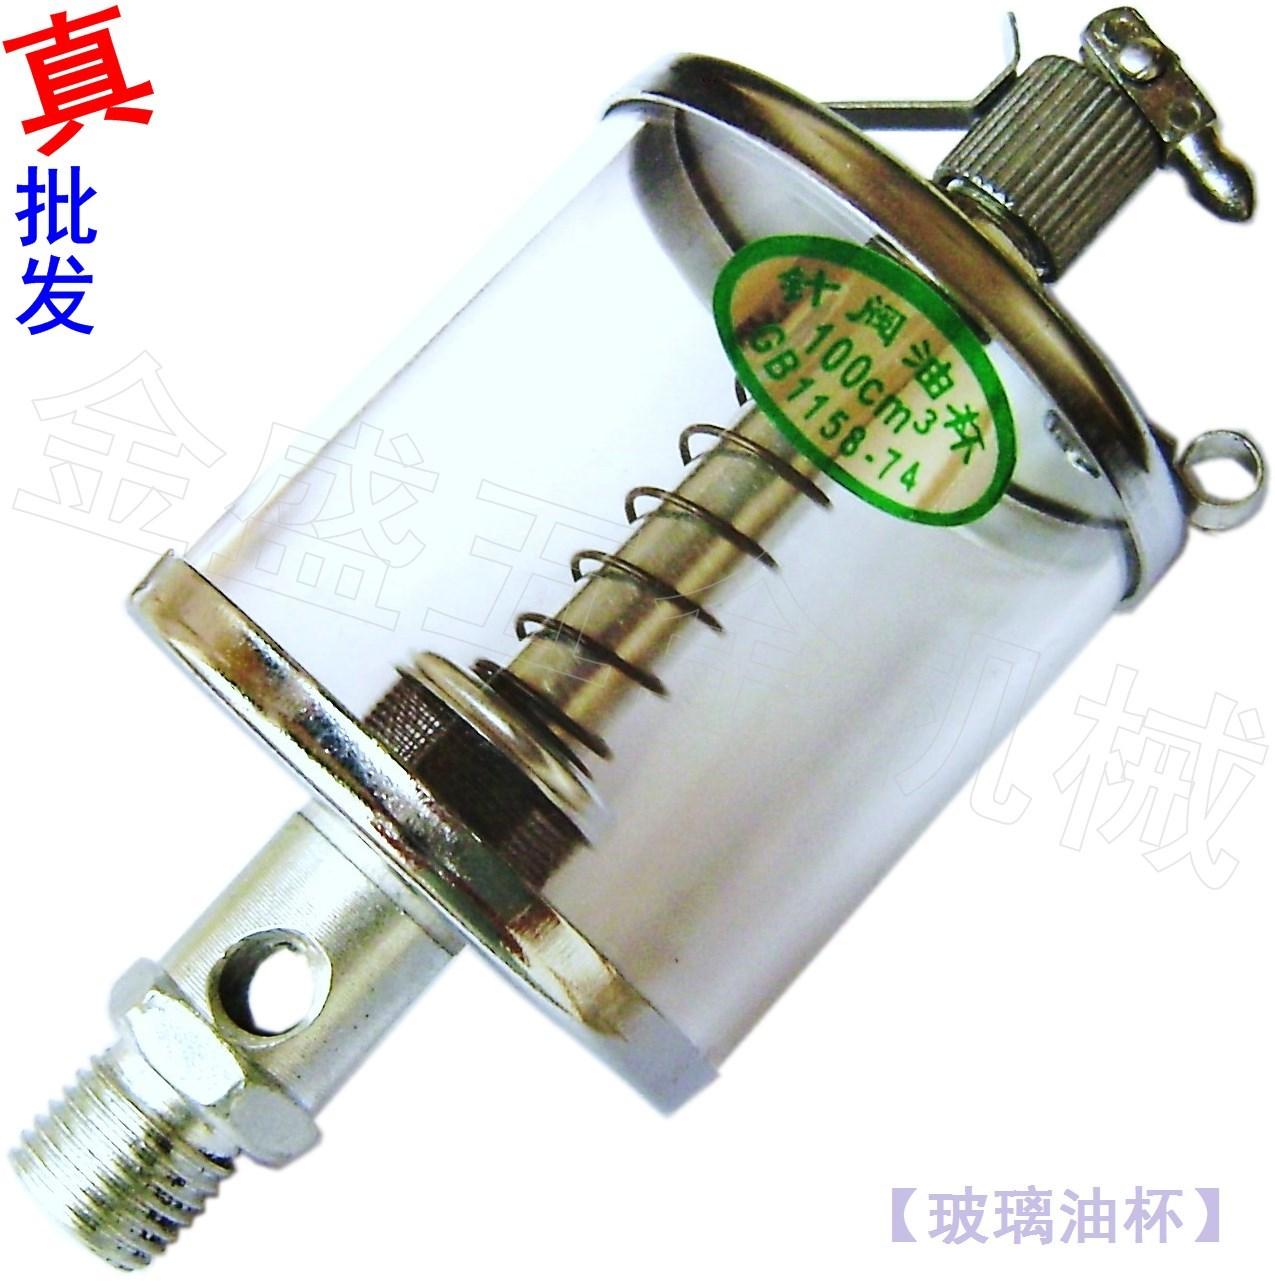 Механические и электронные запчасти Артикул 590592925022